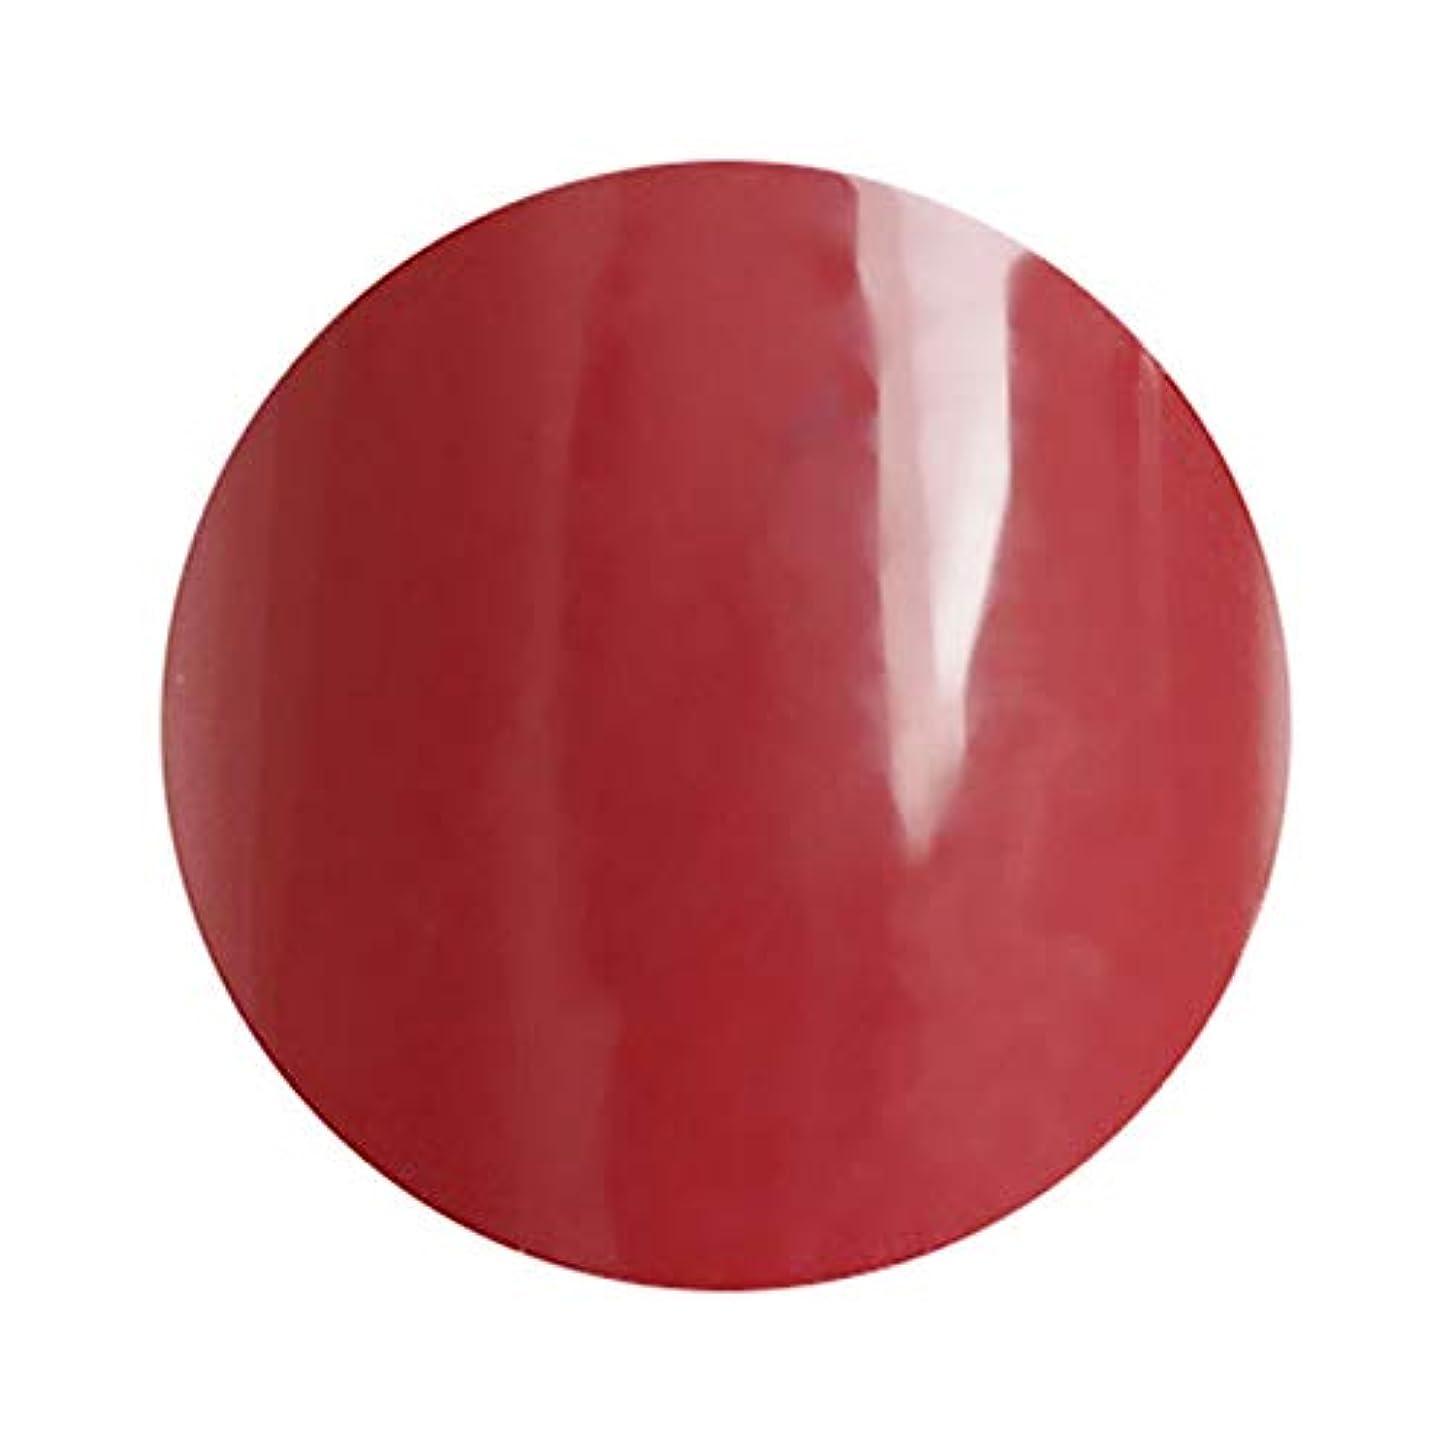 百年コーデリアシプリーpara gel パラジェル カラージェル S030 モデルルージュ 4g (久永ひろよプロデュース)